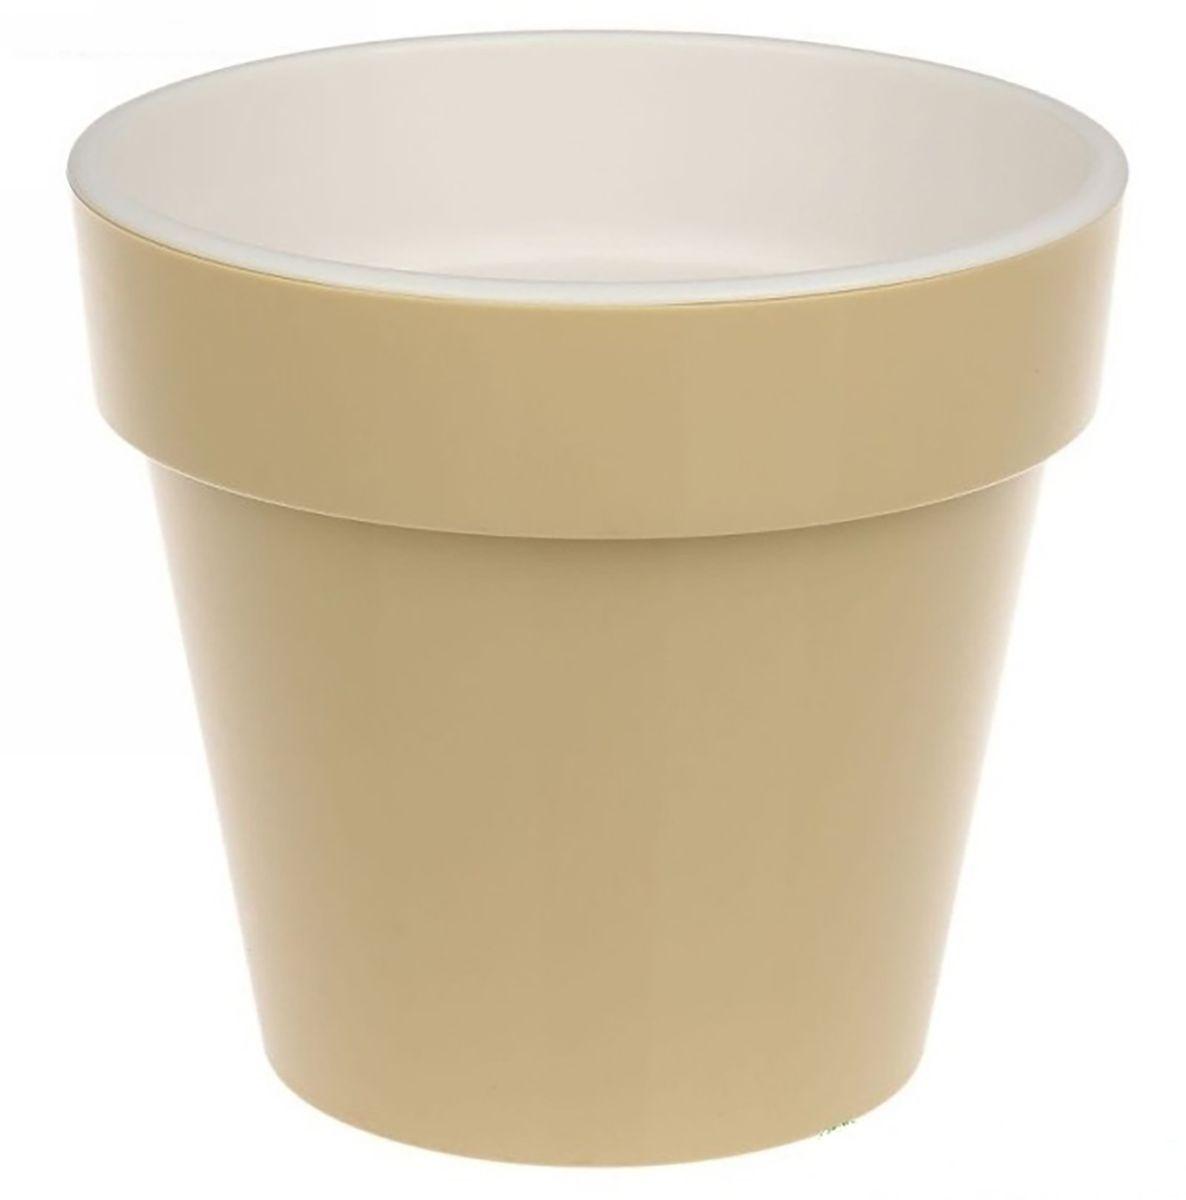 Кашпо JetPlast Порто, со вставкой, цвет: кремовый, 3,5 л200-1-bl-seКашпо Порто классической формы с внутренней вставкой-горшком. Дренажная вставка позволяет легко поливать растения без использования дополнительного поддона. Вместительный объем кашпо позволяет высаживать самые разнообразные растения, а съемная вставка избавит вас от грязи и подчеркнет красоту цветка. Оно изготовлено из прочного полипропилена (пластика). Такое кашпо порадует вас функциональностью, а благодаря лаконичному дизайну впишется в любой интерьер помещения. Объем кашпо: 3,5 л.